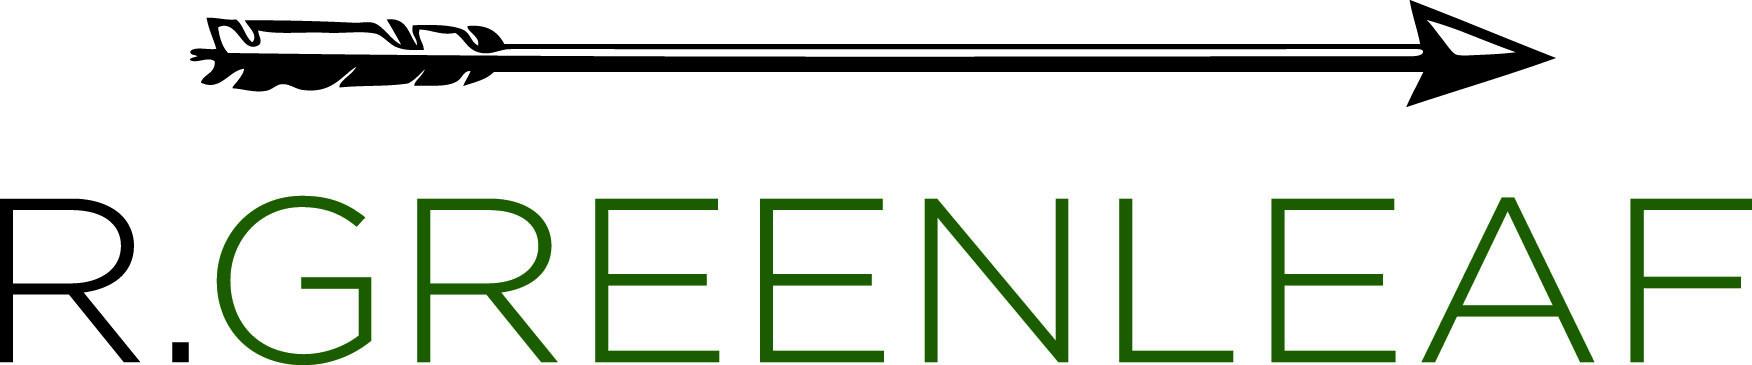 R.Greenleaf